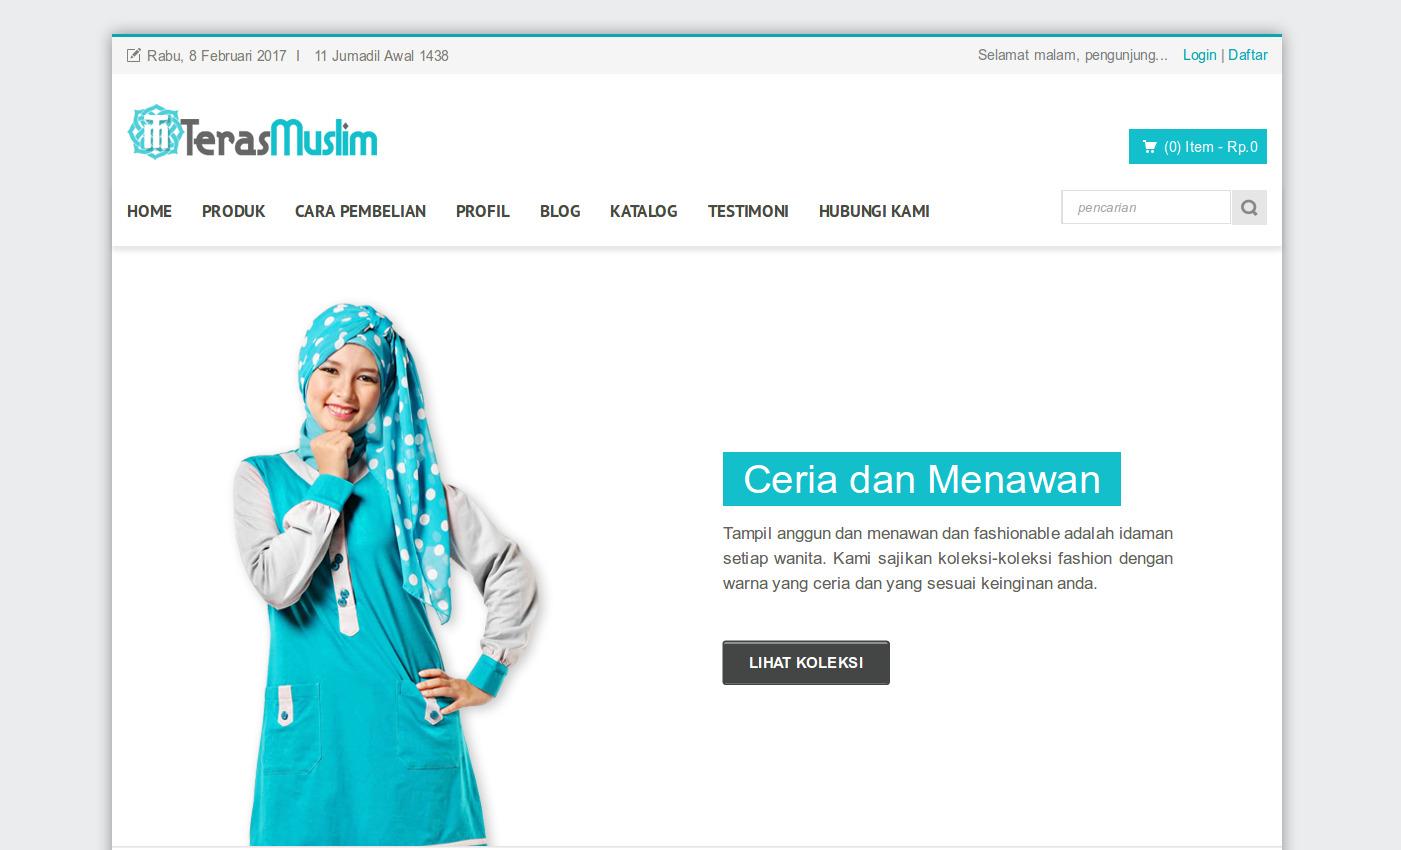 (Source Code) Toko Online Busana Muslim - Toko Online Busana Muslim  merupakan toko online yang sengaja dibuat untuk melakukan pemasaran dan  penjualan produk ... 911f992dff